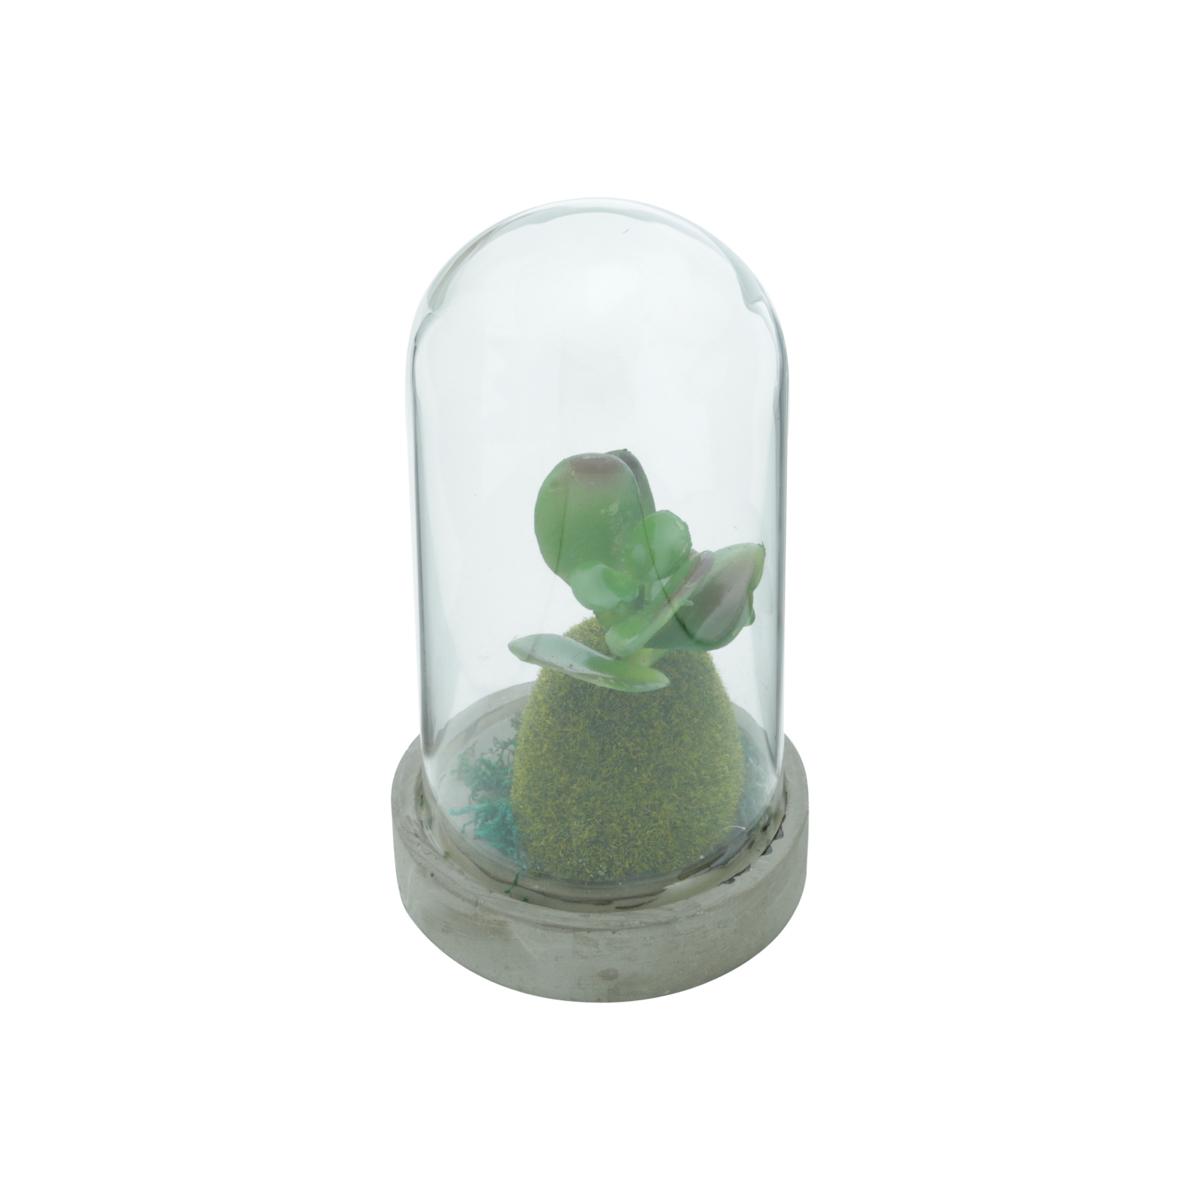 Vaso concreto redoma vidro Simple Plants Jade 9x16,8cm Urban